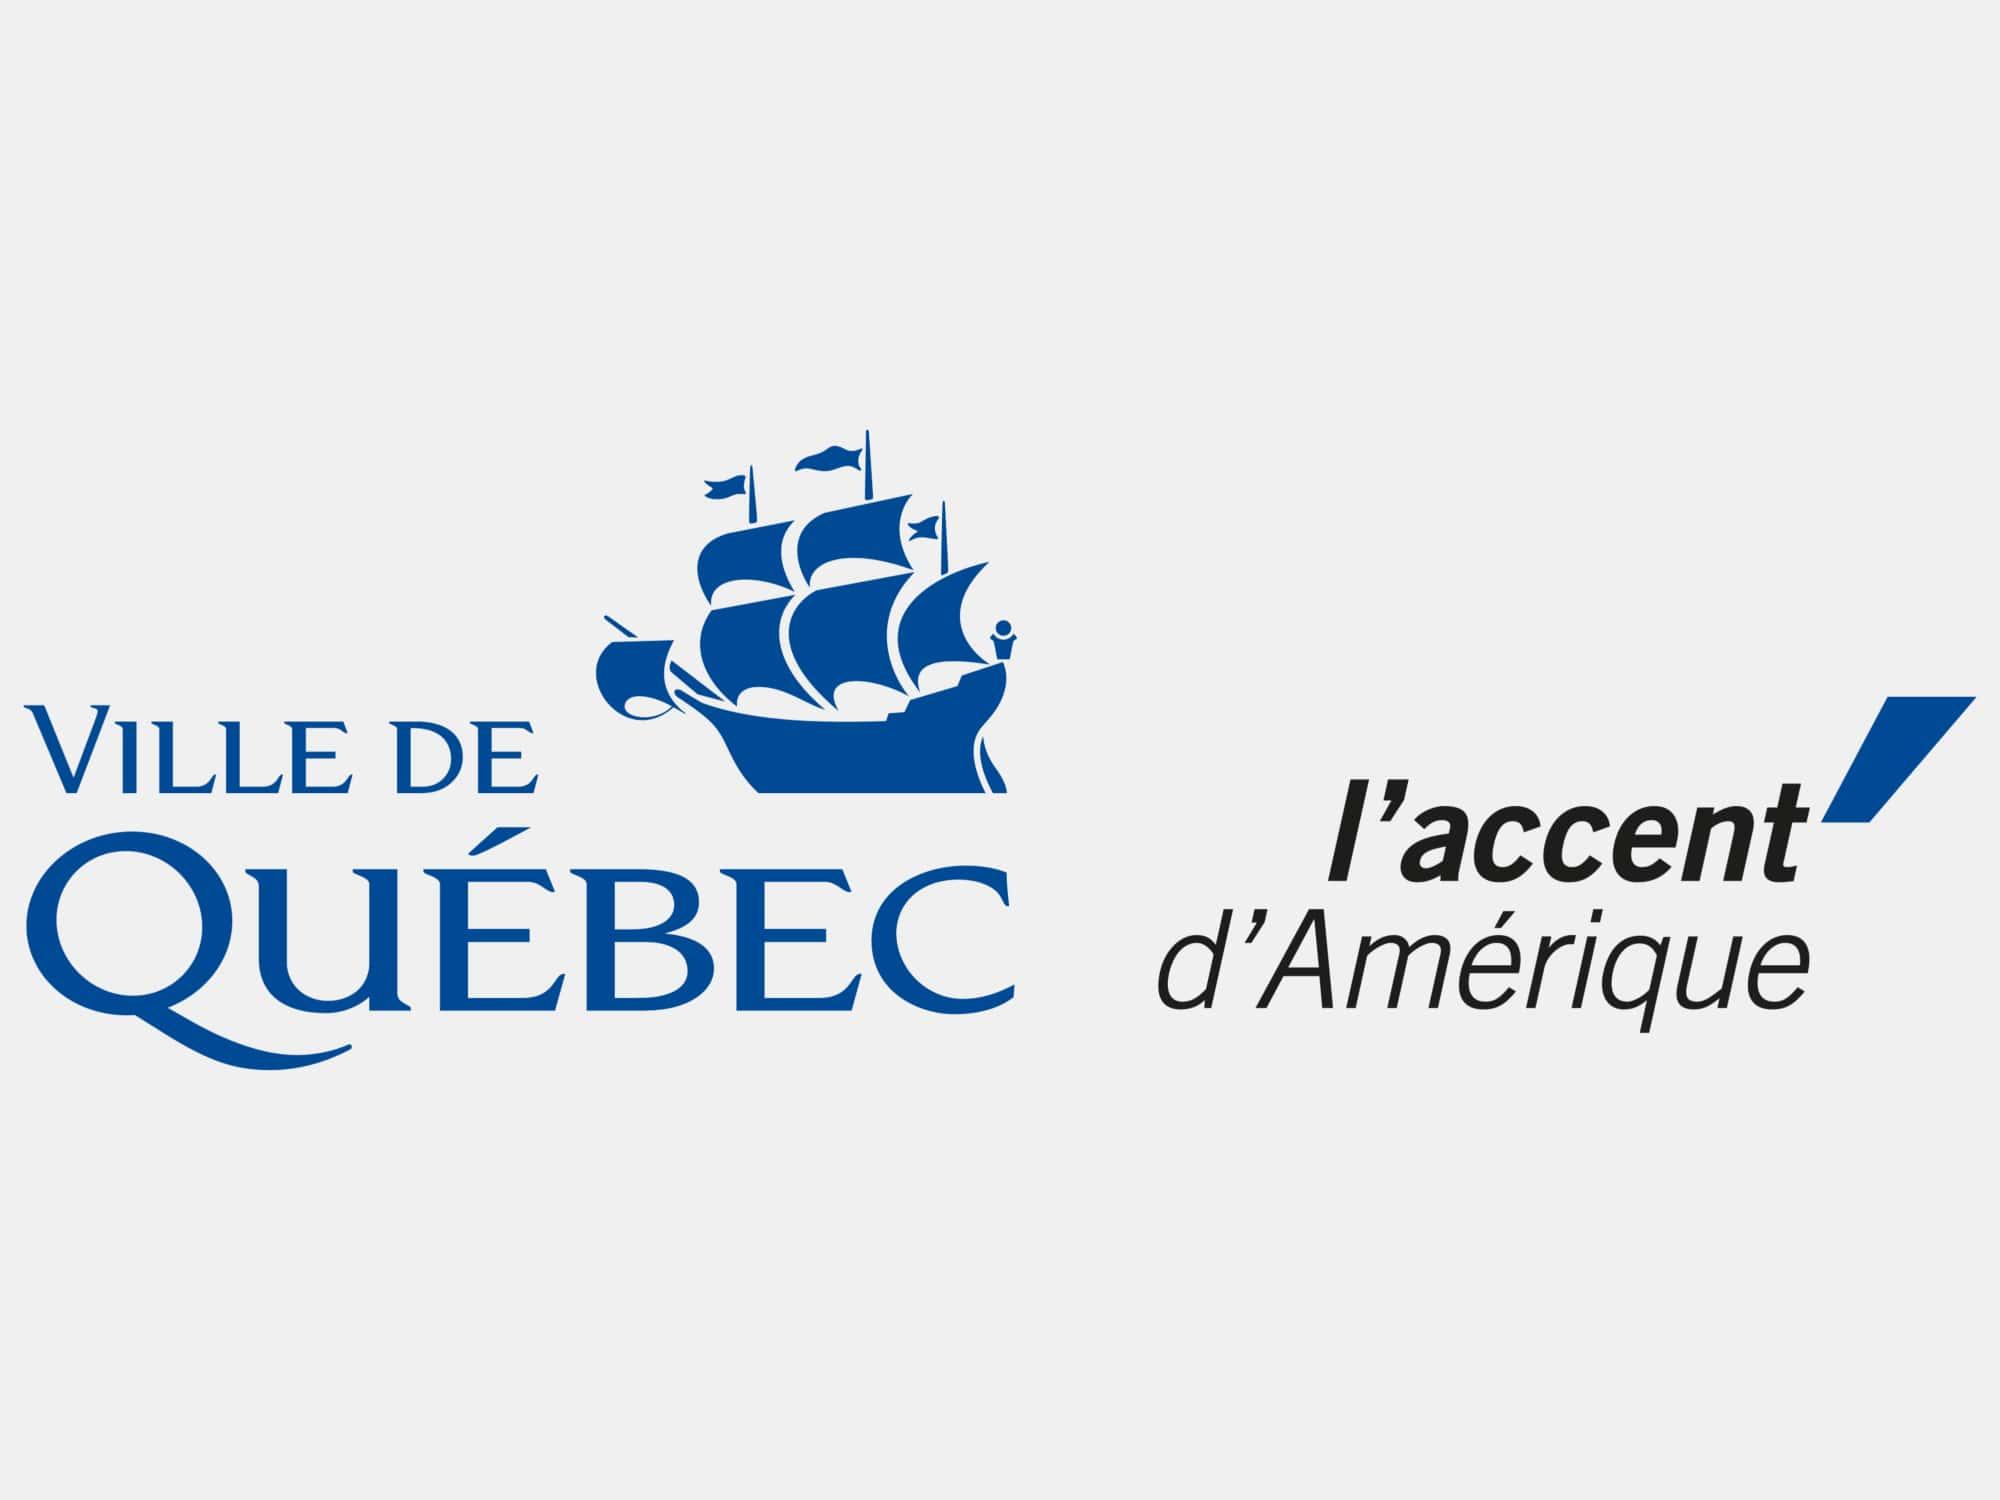 Ville de Québec.jpg